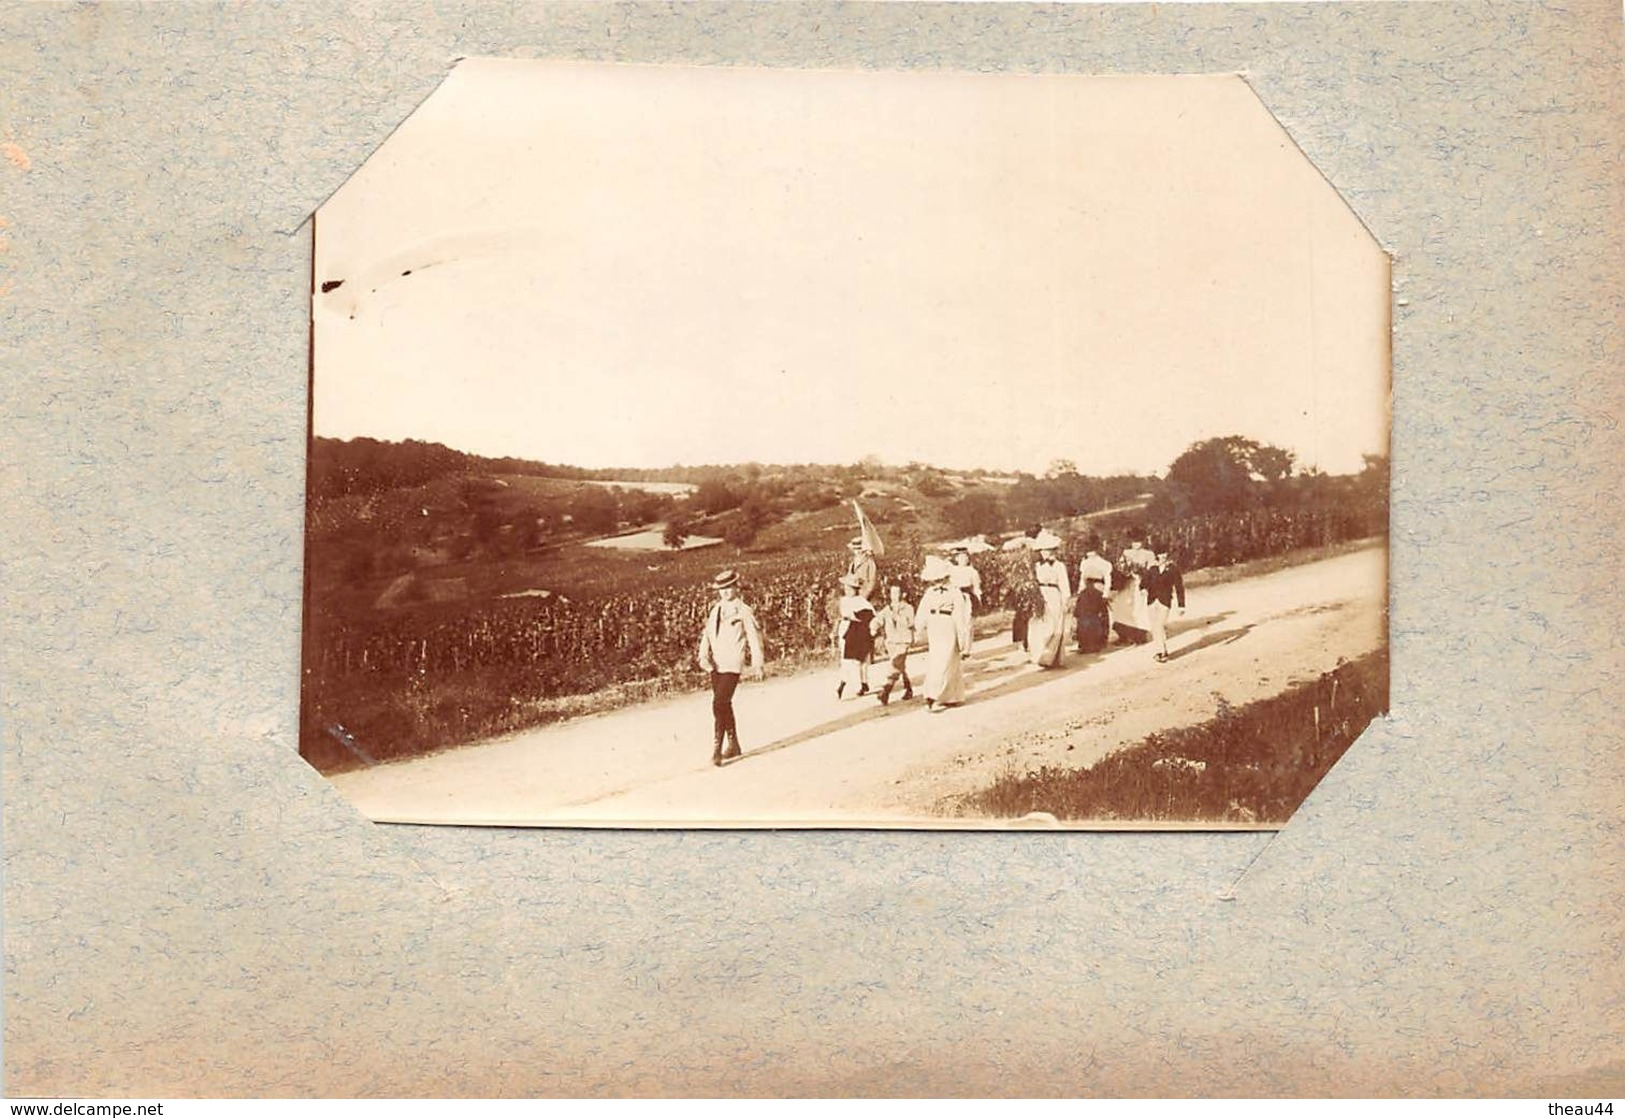 ¤¤   -  JAULNY   -   Cliché Albuminé Vers 1900  -   Balade En Famille   -  Voir Description   -  ¤¤ - Autres Communes